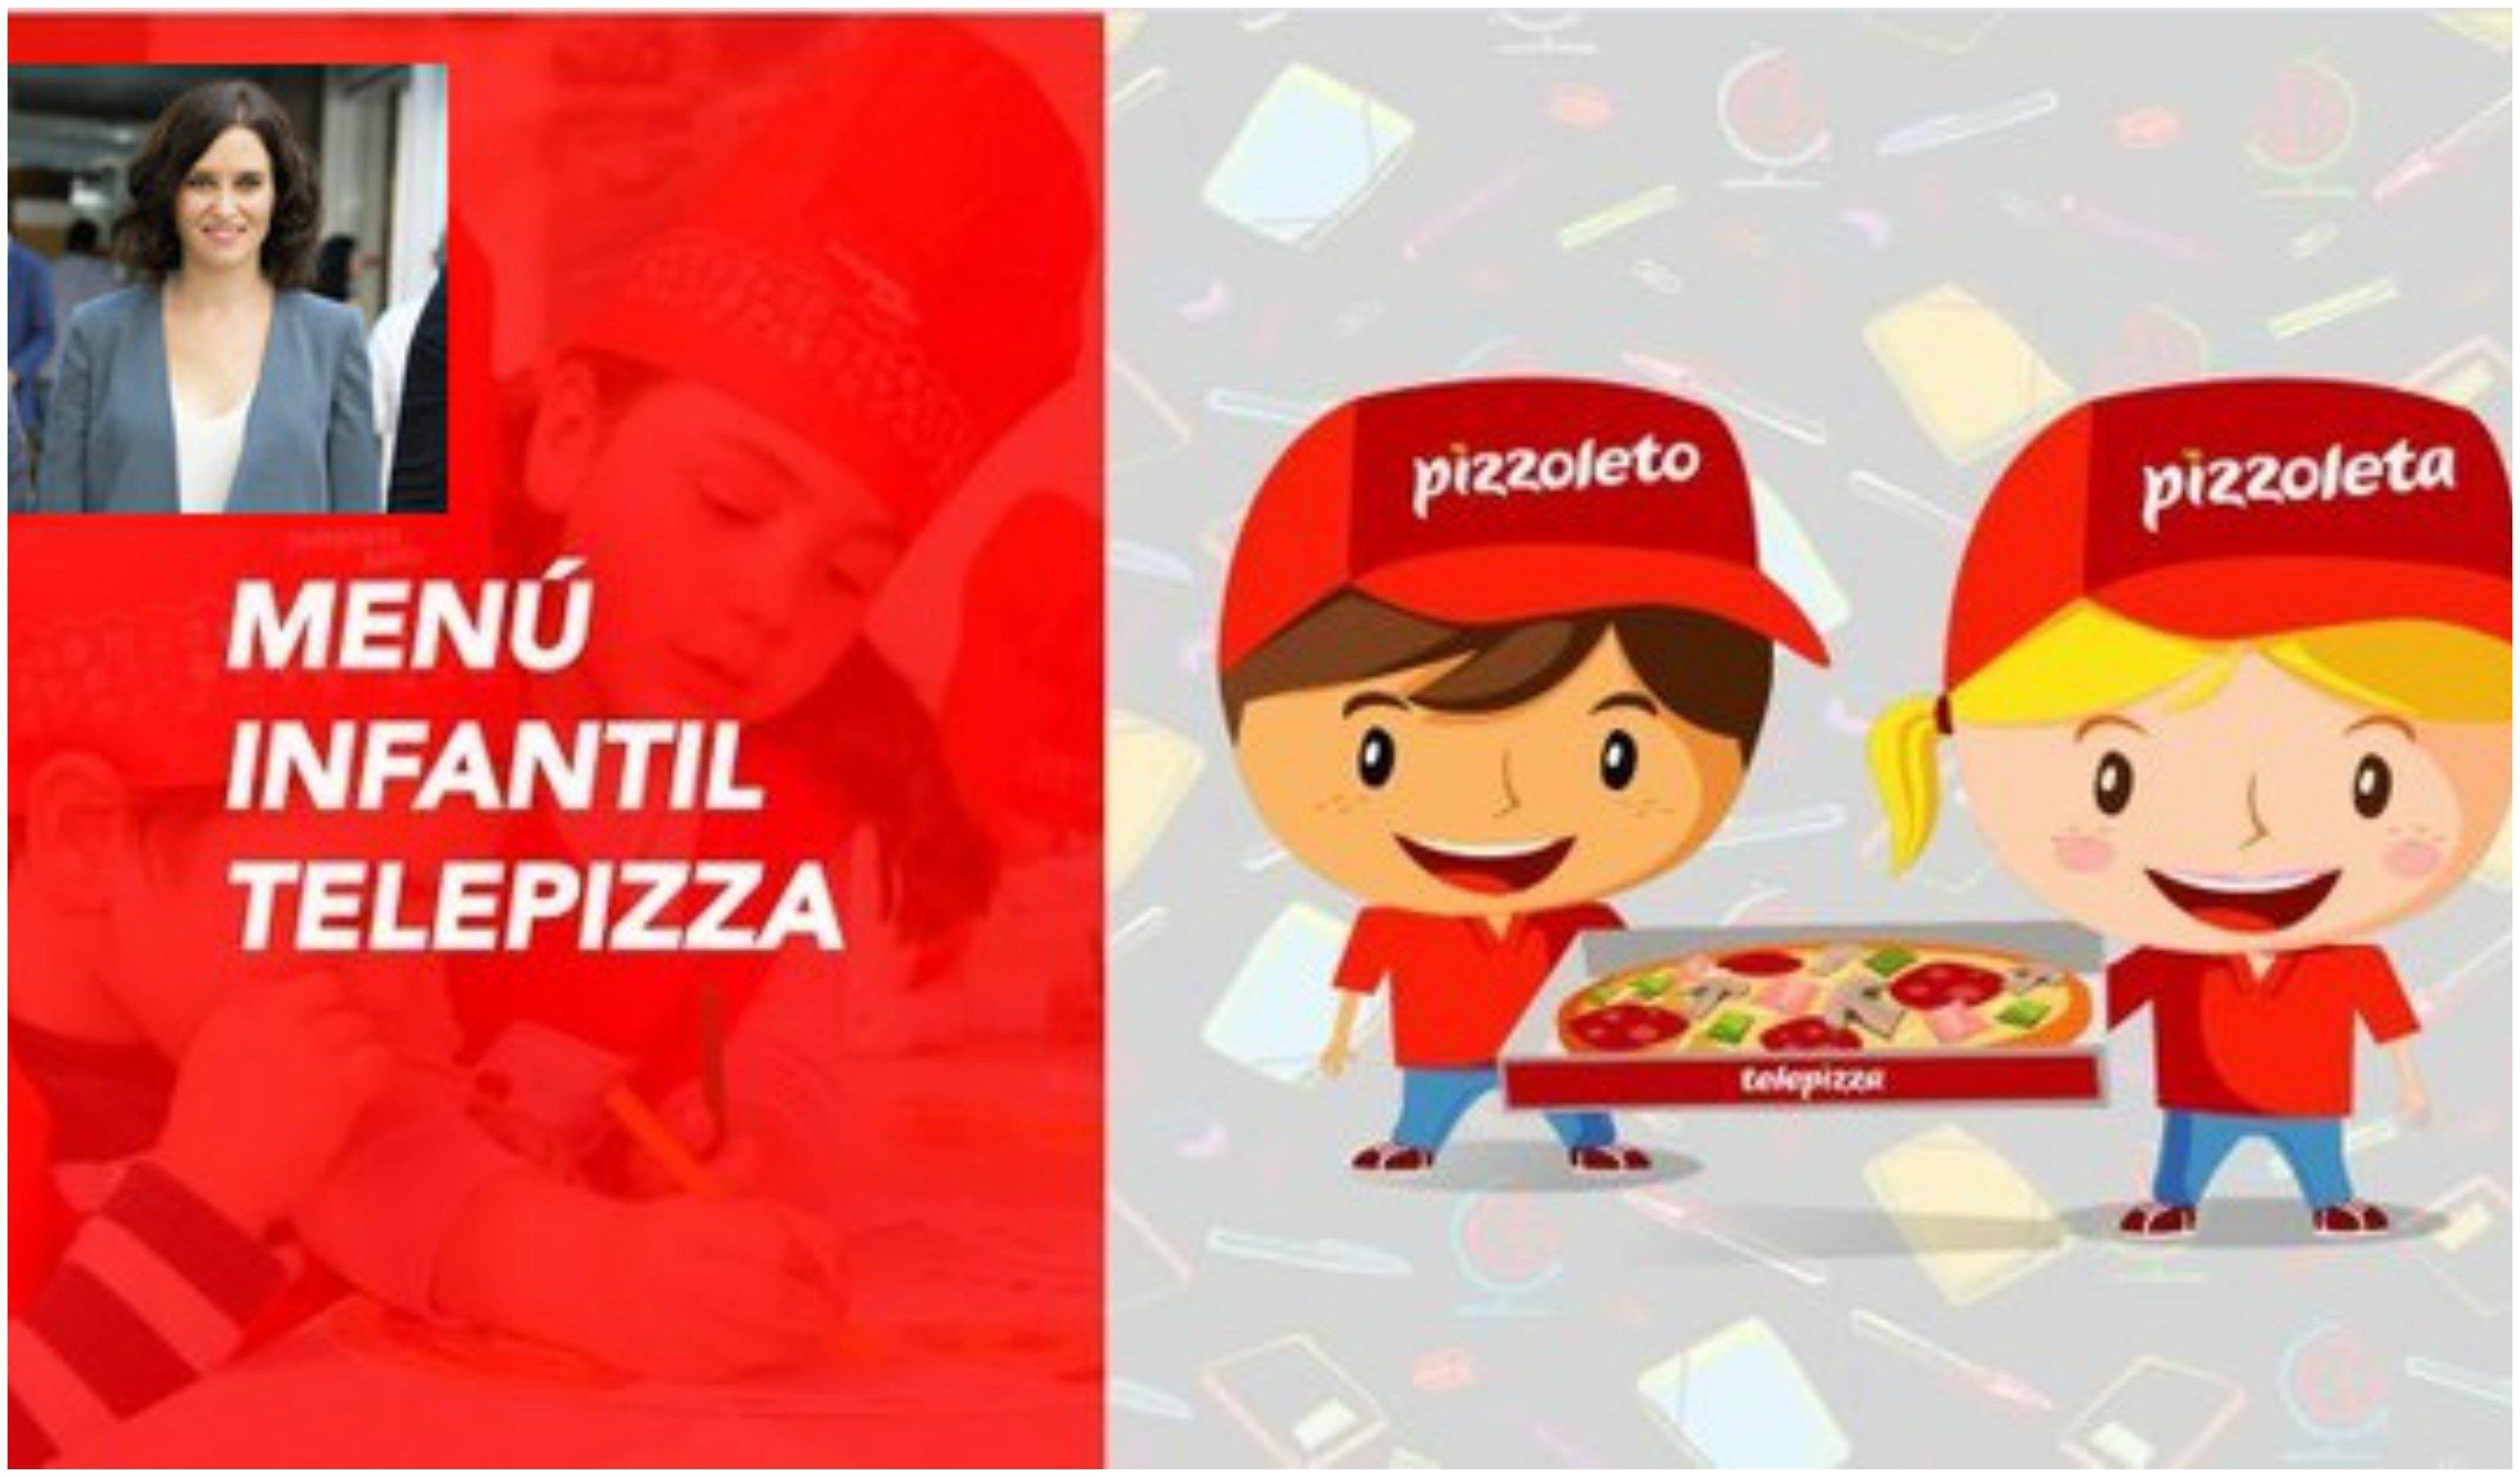 La izquierda, Ministerio de Sanidad incluido, rechaza la propuesta de Ayuso de llevar comida a familias con pocos recursos, a través de Telepizza